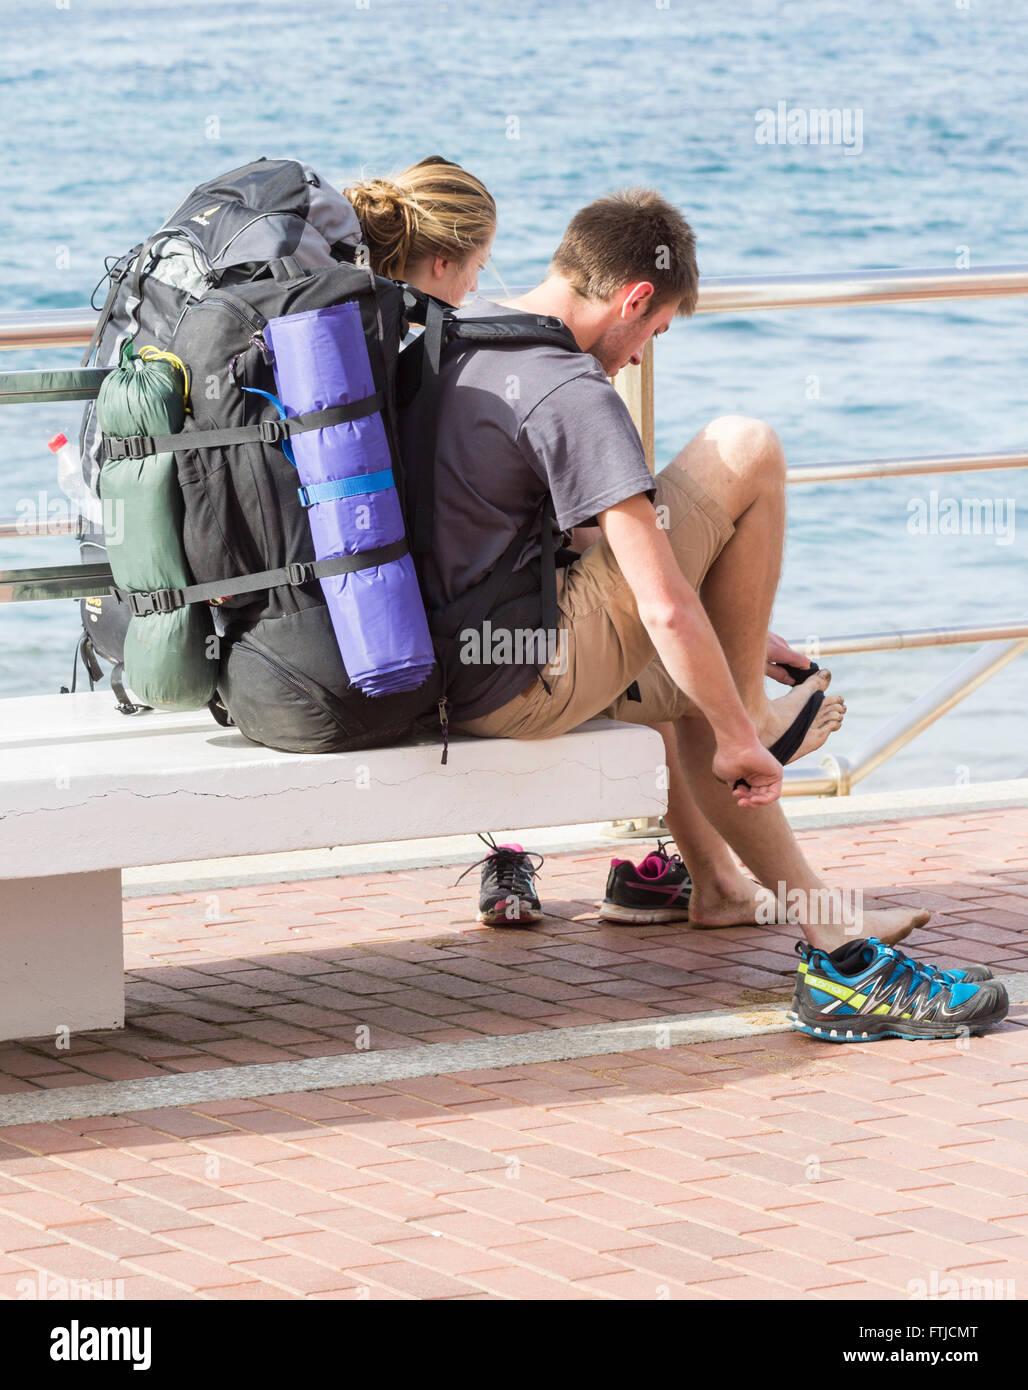 Maschio e femmina backpackers affacciato sulla spiaggia. Immagini Stock